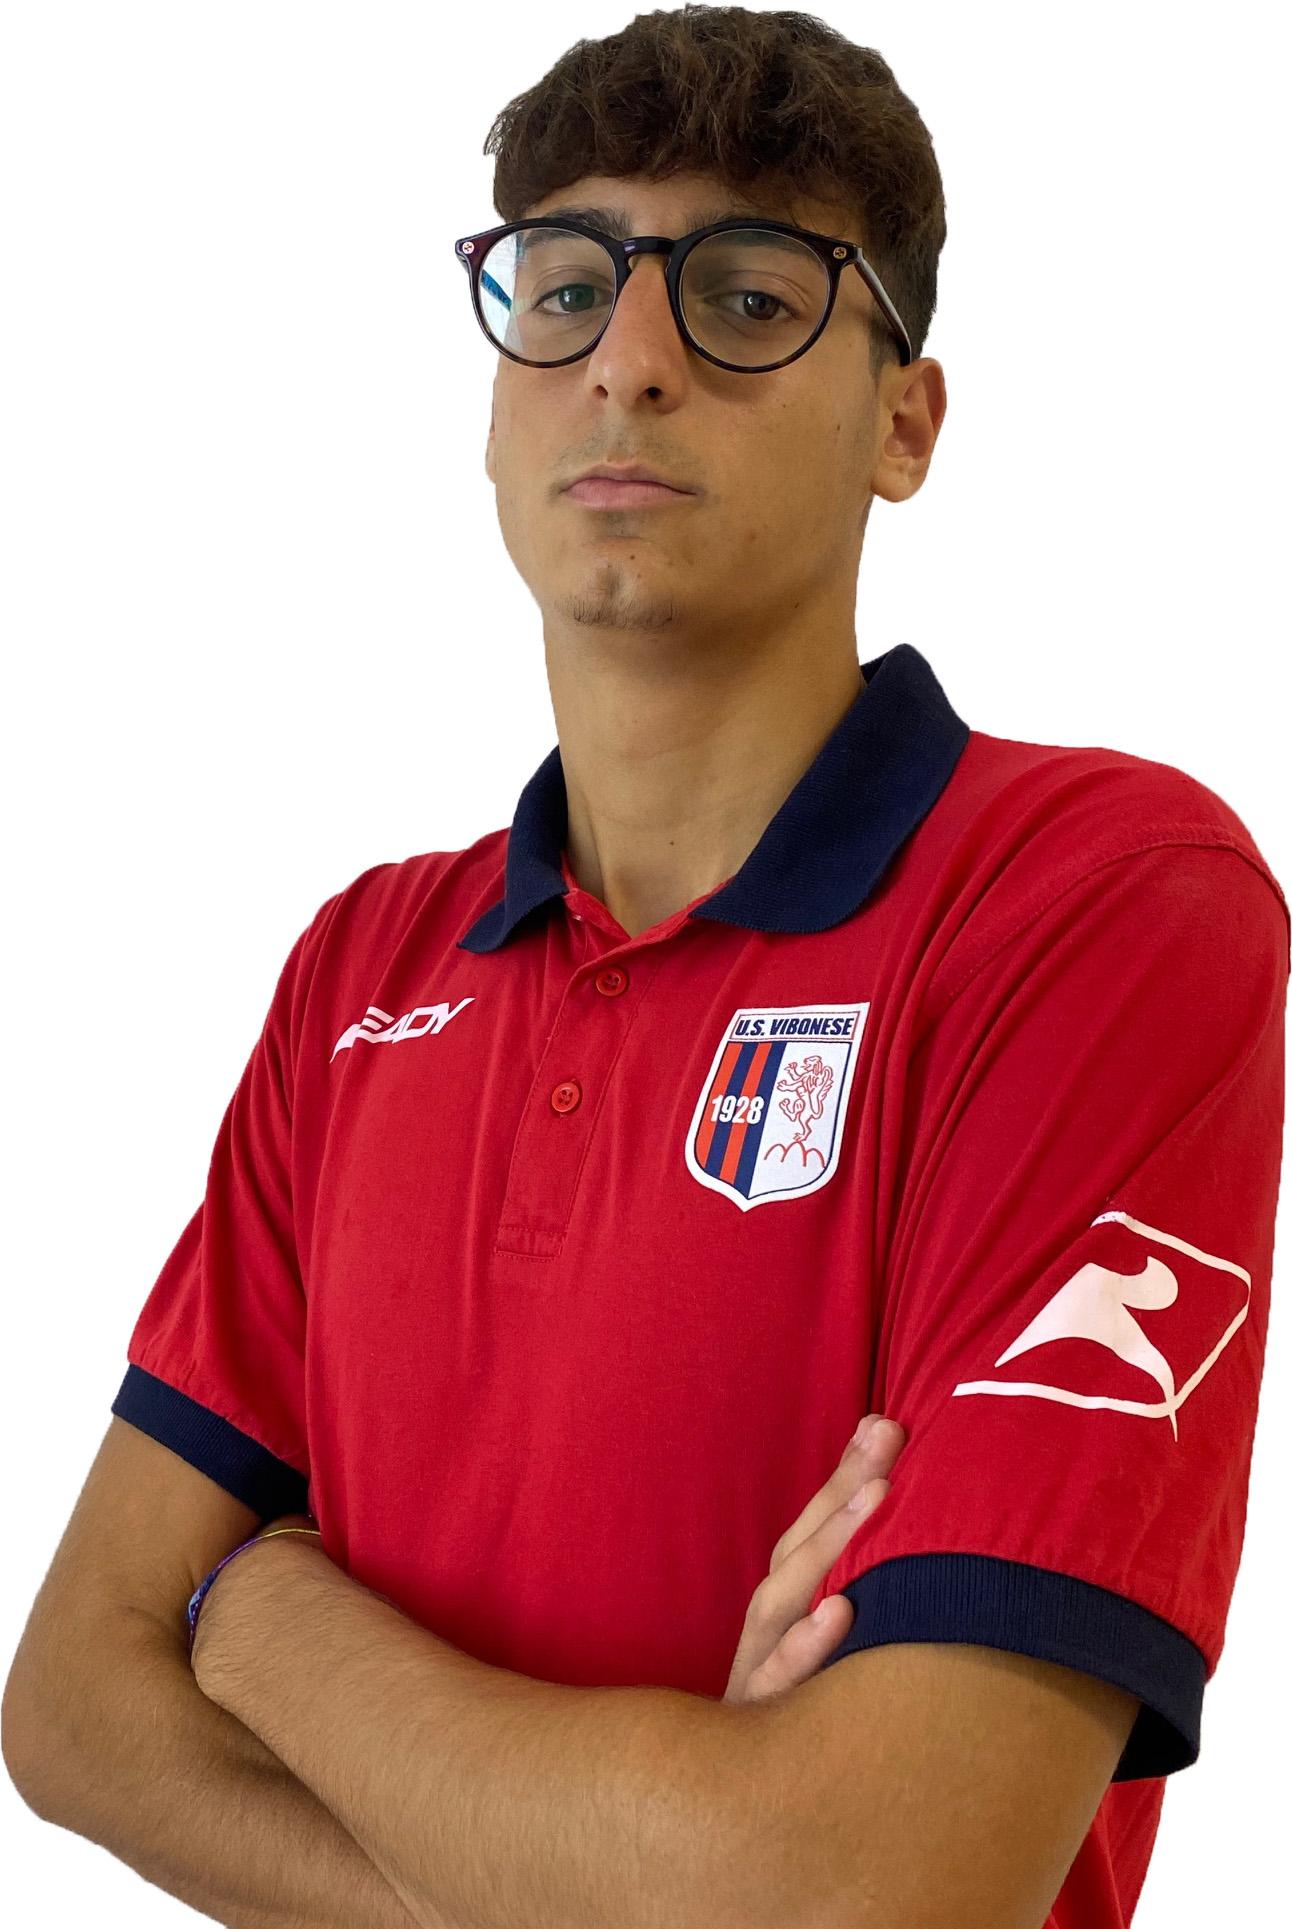 Ruben Falla immagine 16064 US Vibonese Calcio